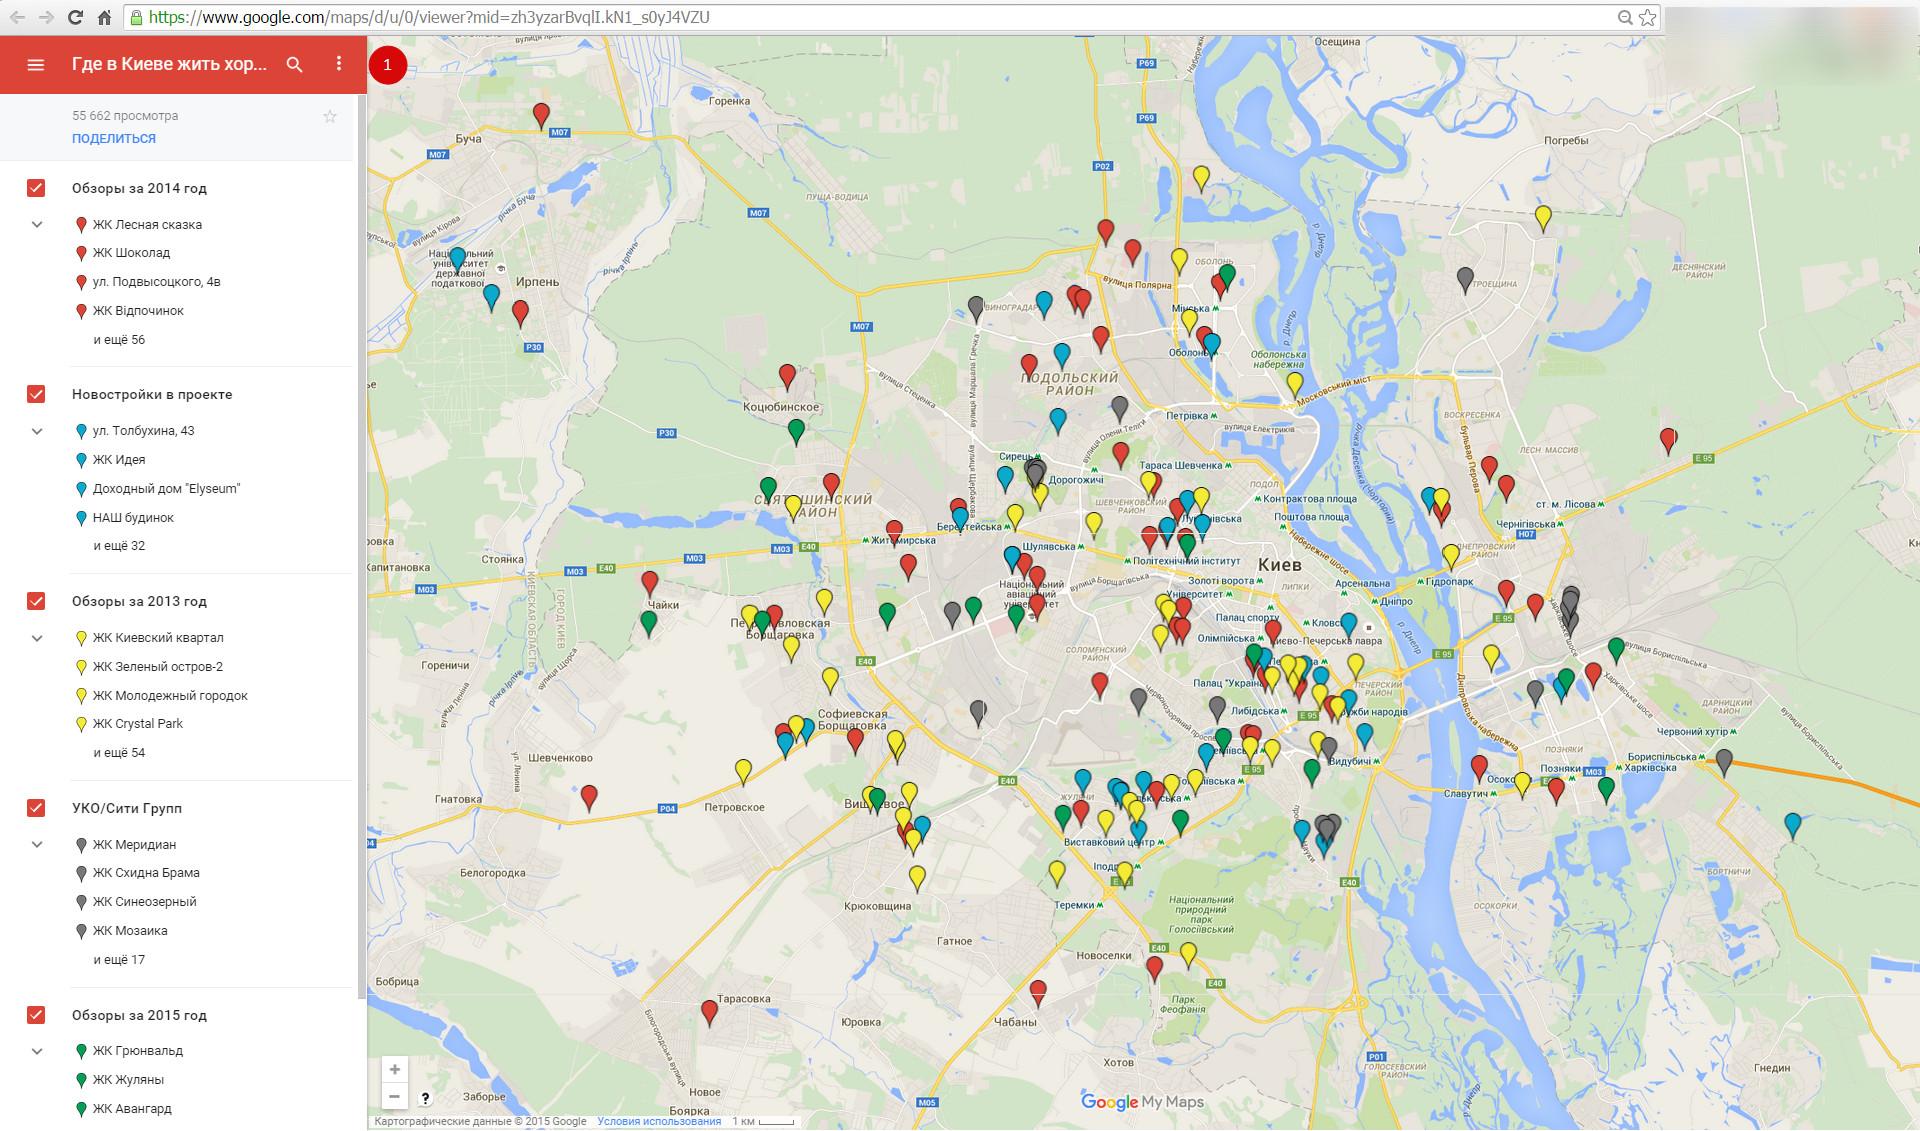 Новостройки на карте Киева и области 4